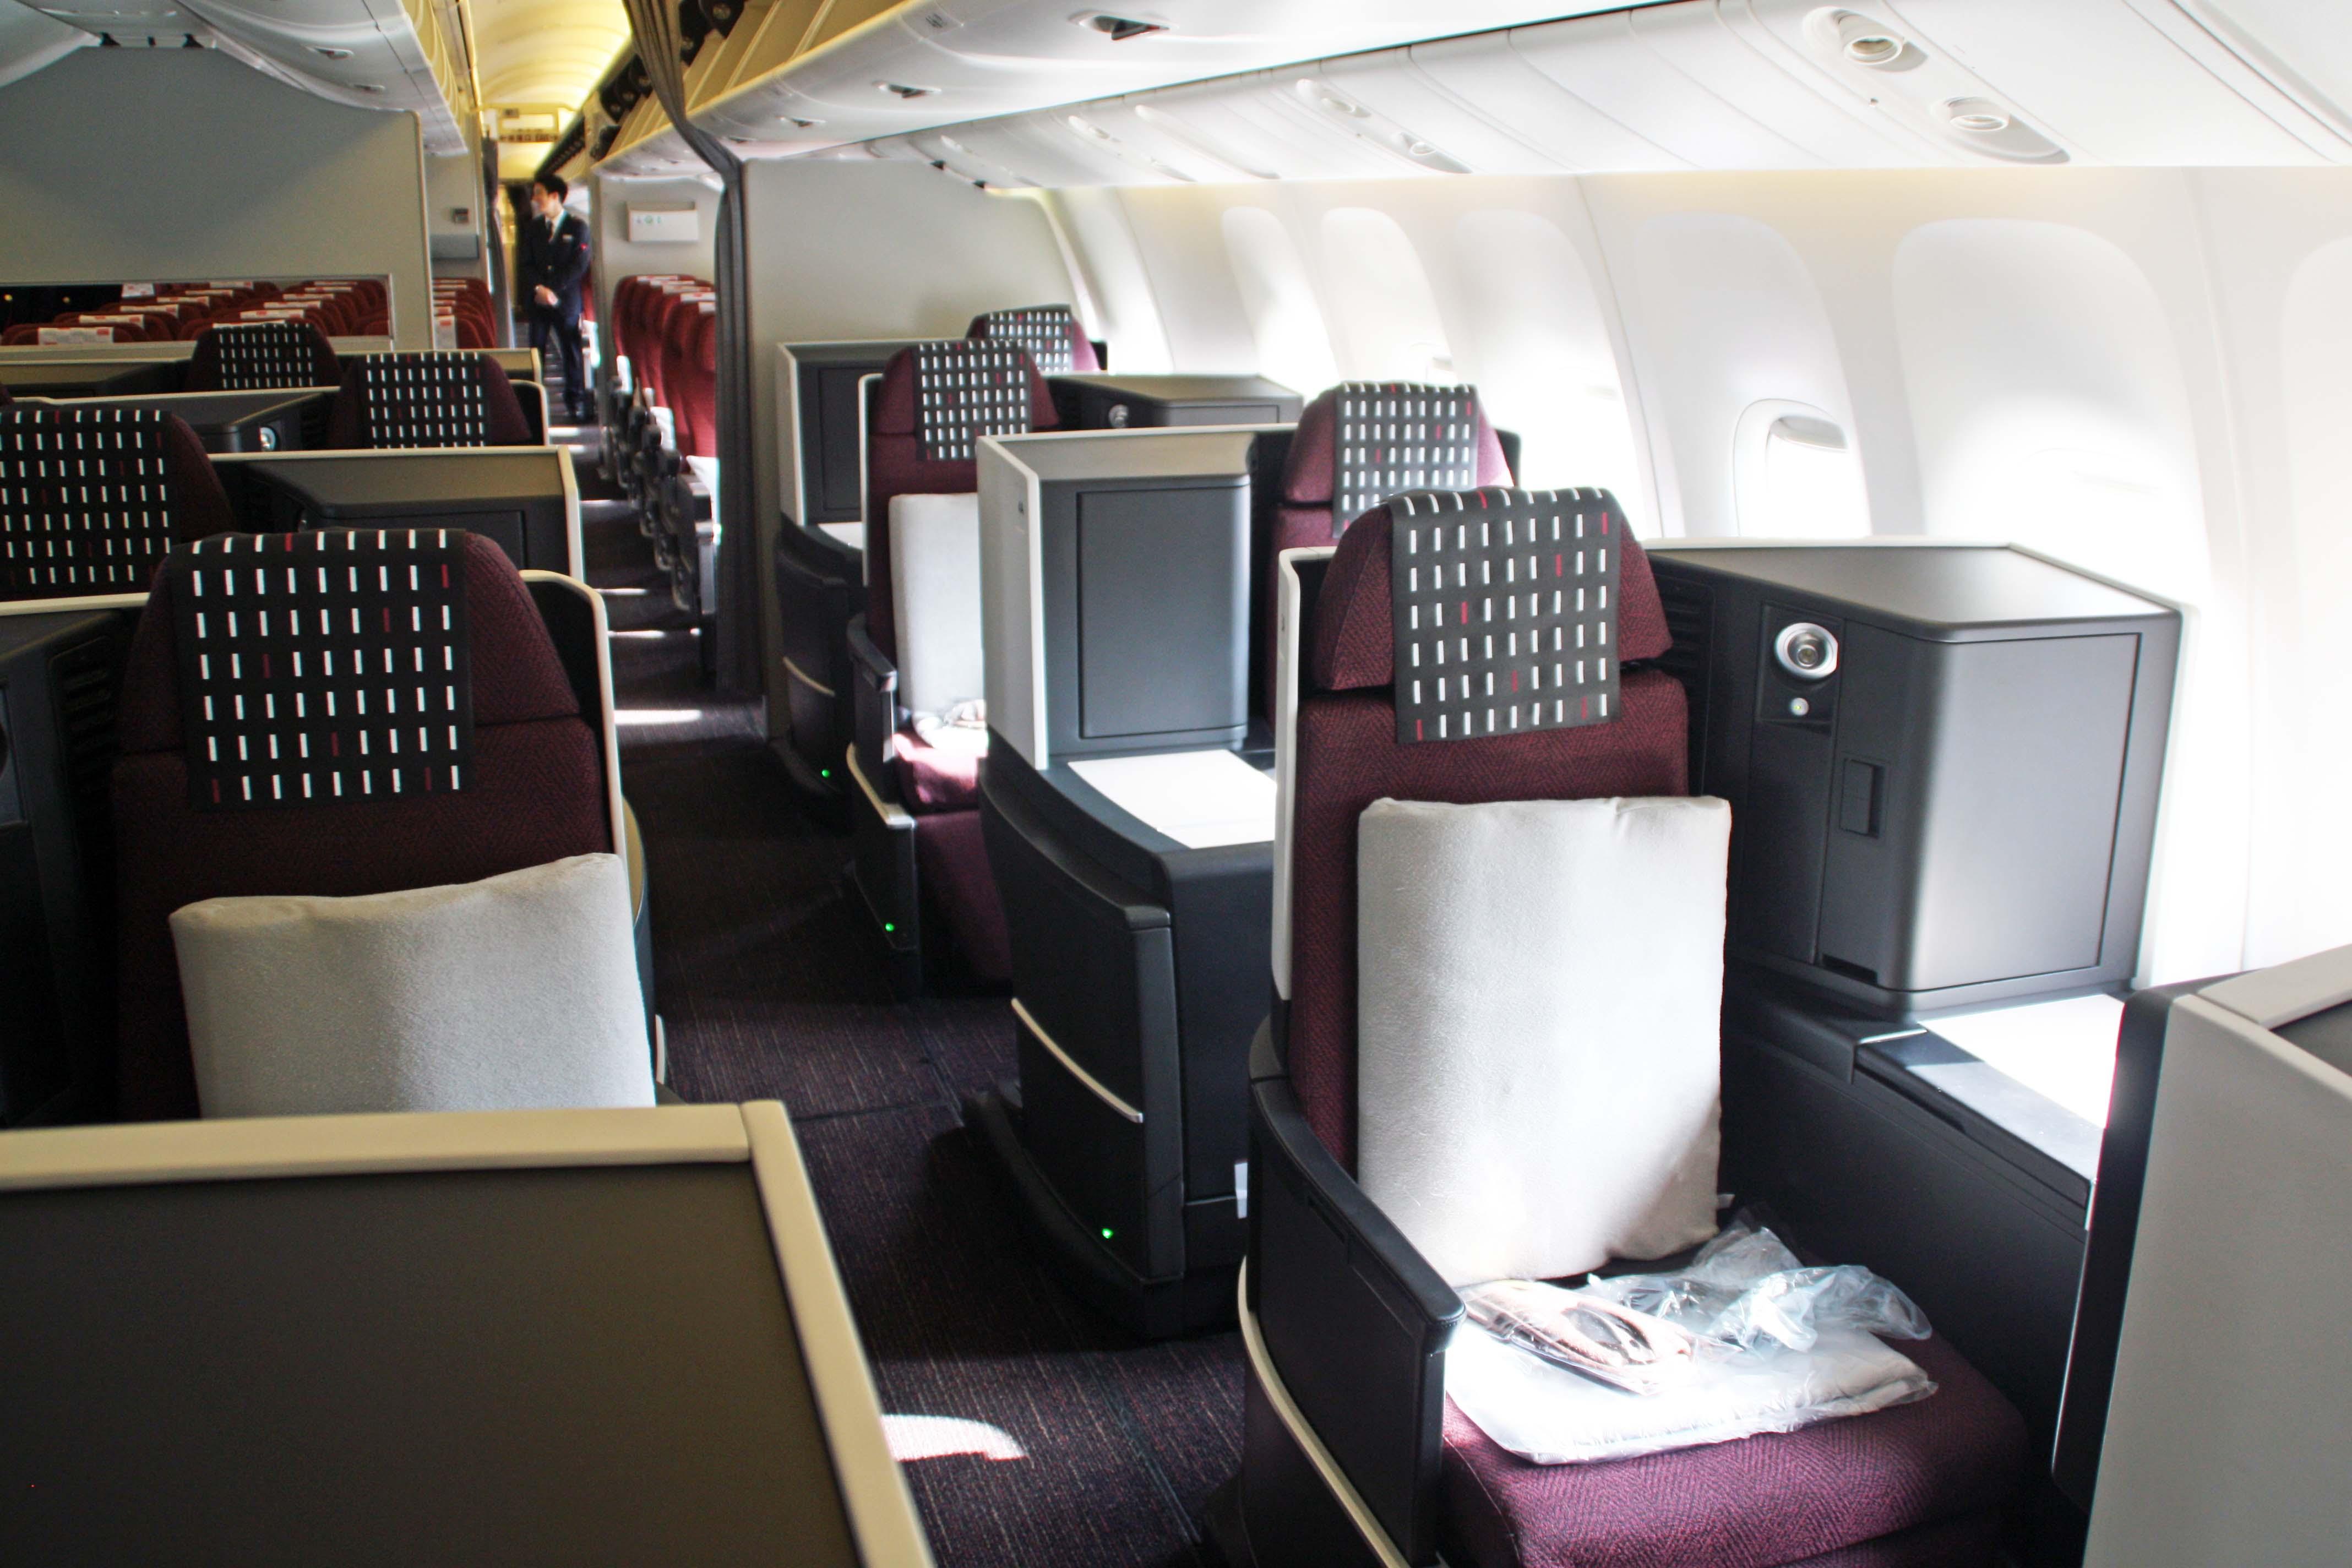 東南アジアなど中距離国際線用シート「SKY SUITE 767」はスタッガード型を採用